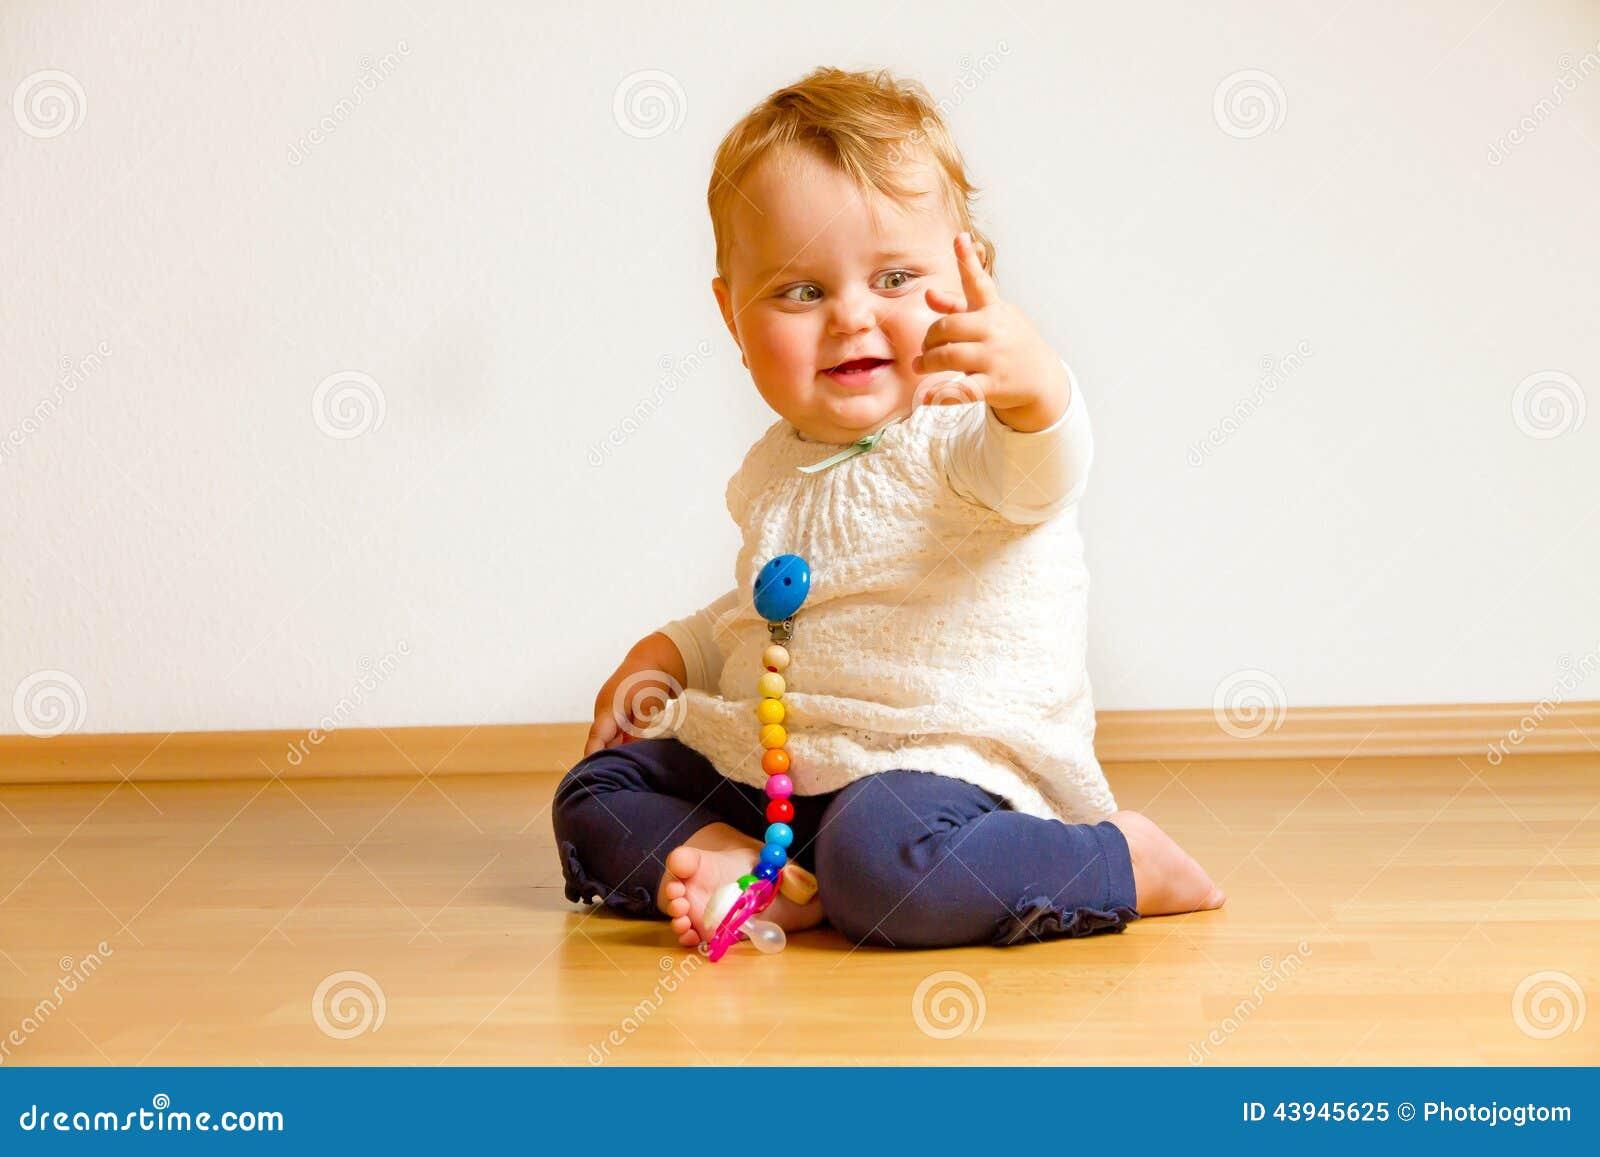 Enfant en bas âge sur un plancher de parquet